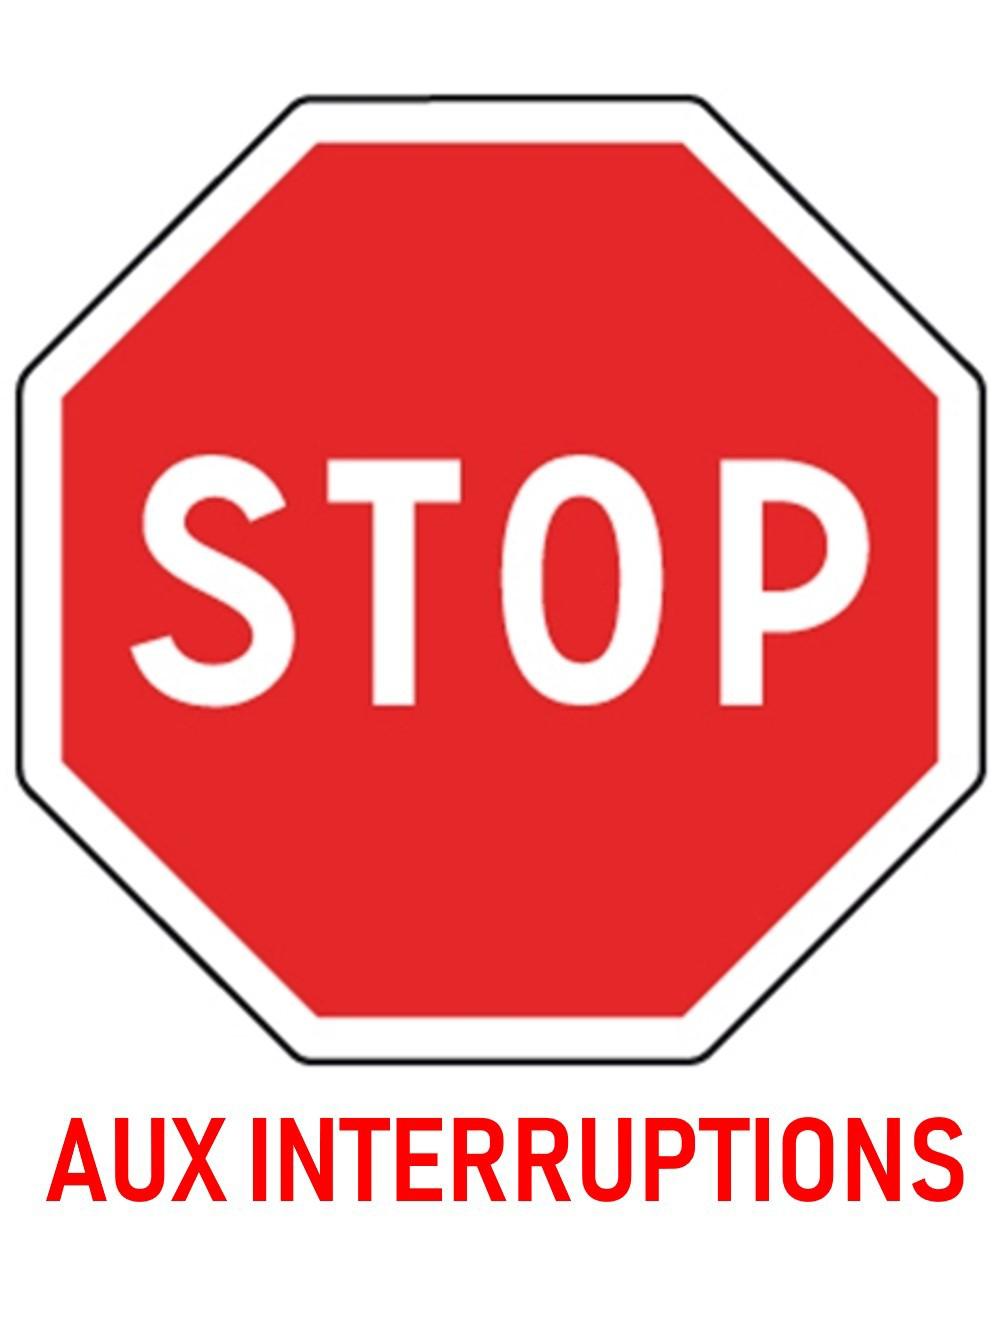 Stop agile